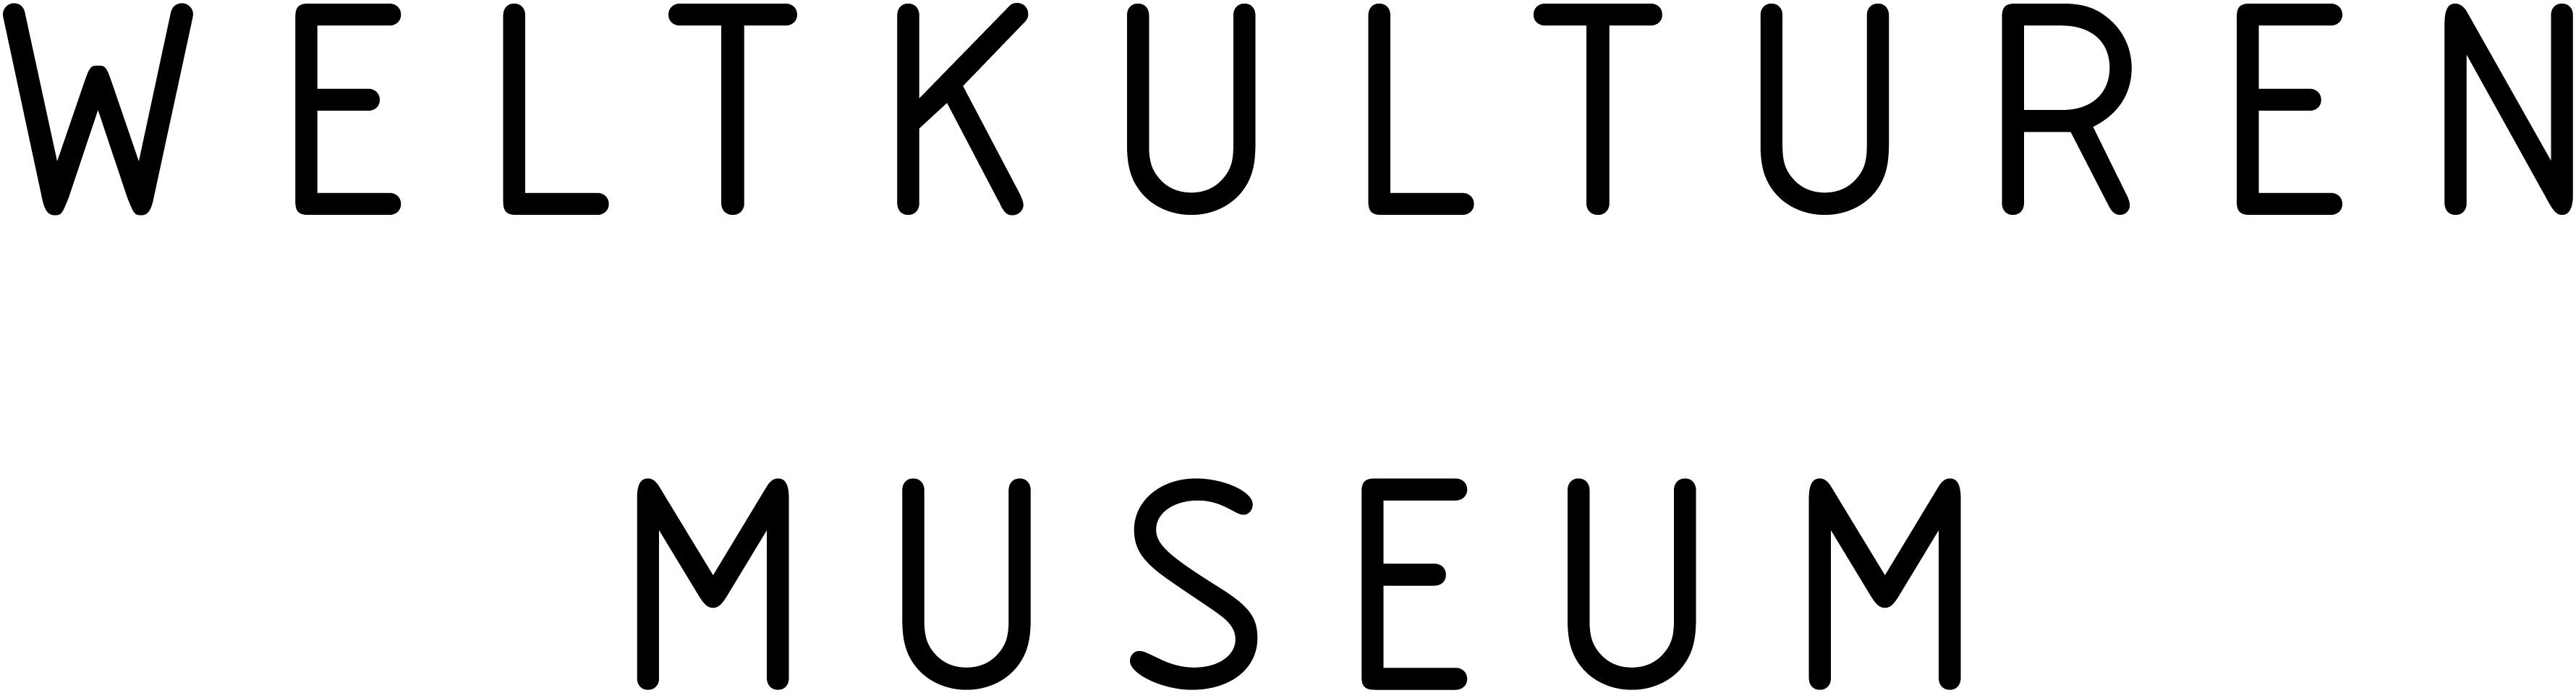 Weltkulturenmuseum Logo